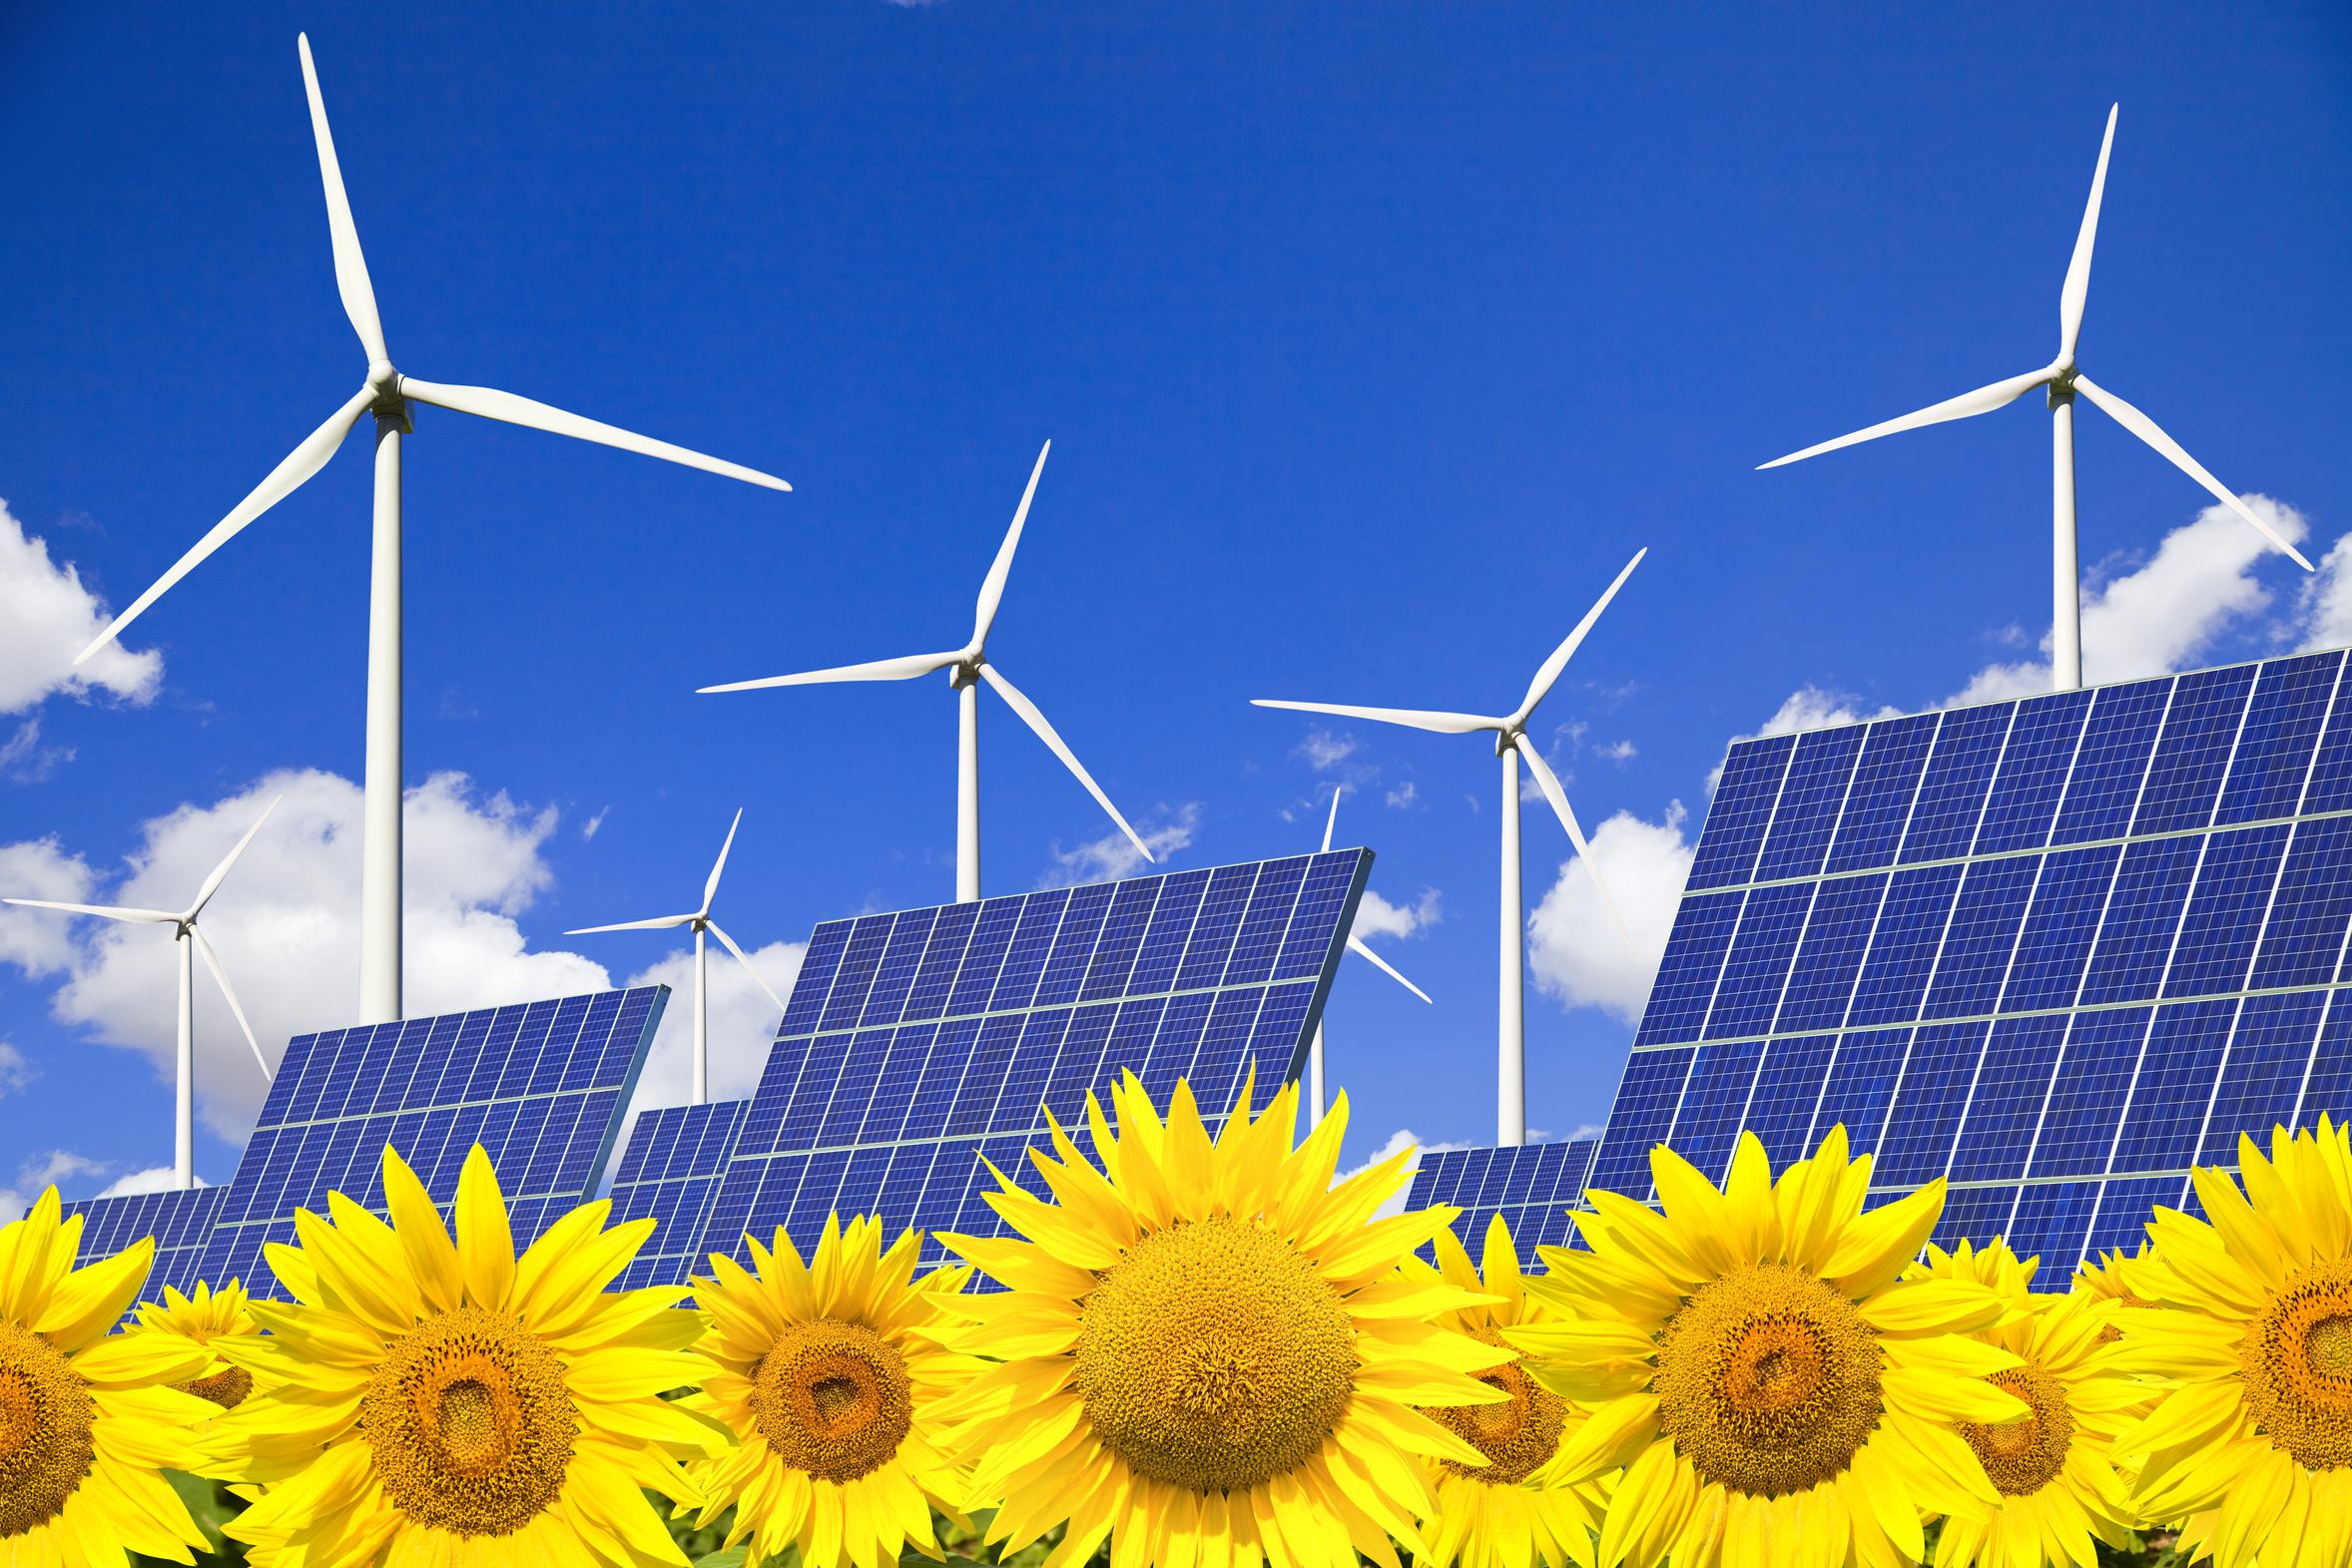 El precio de las energ as renovables energ as renovables - Fotos energias renovables ...